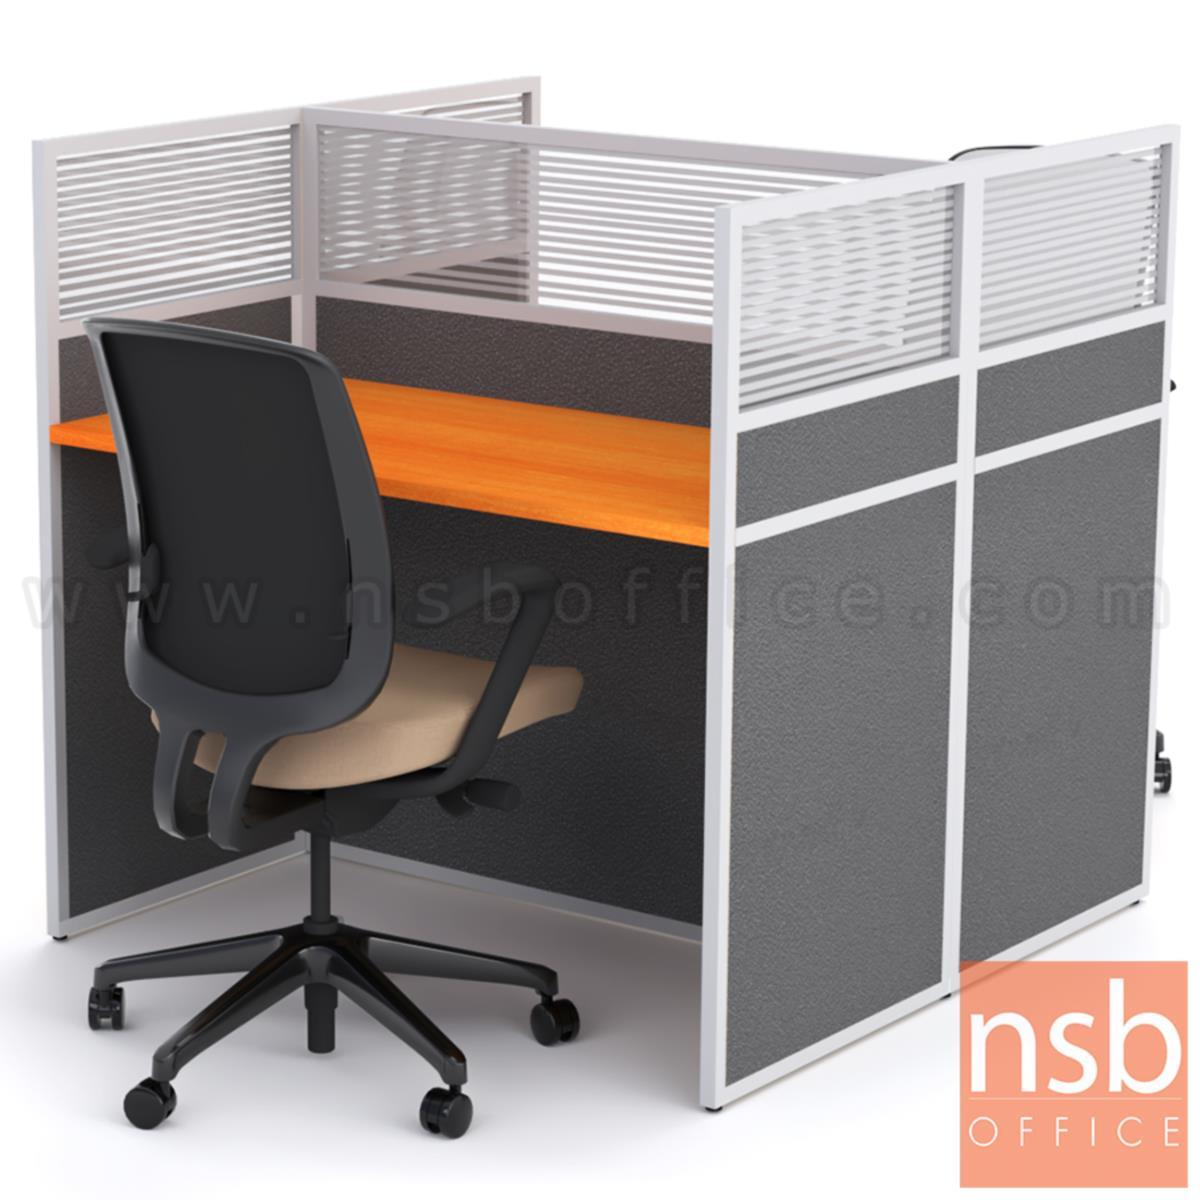 ชุดโต๊ะทำงานกลุ่ม  2 ที่นั่ง   ขนาดรวม 124W*122D cm. พร้อมพาร์ทิชั่นครึ่งกระจกขัดลาย